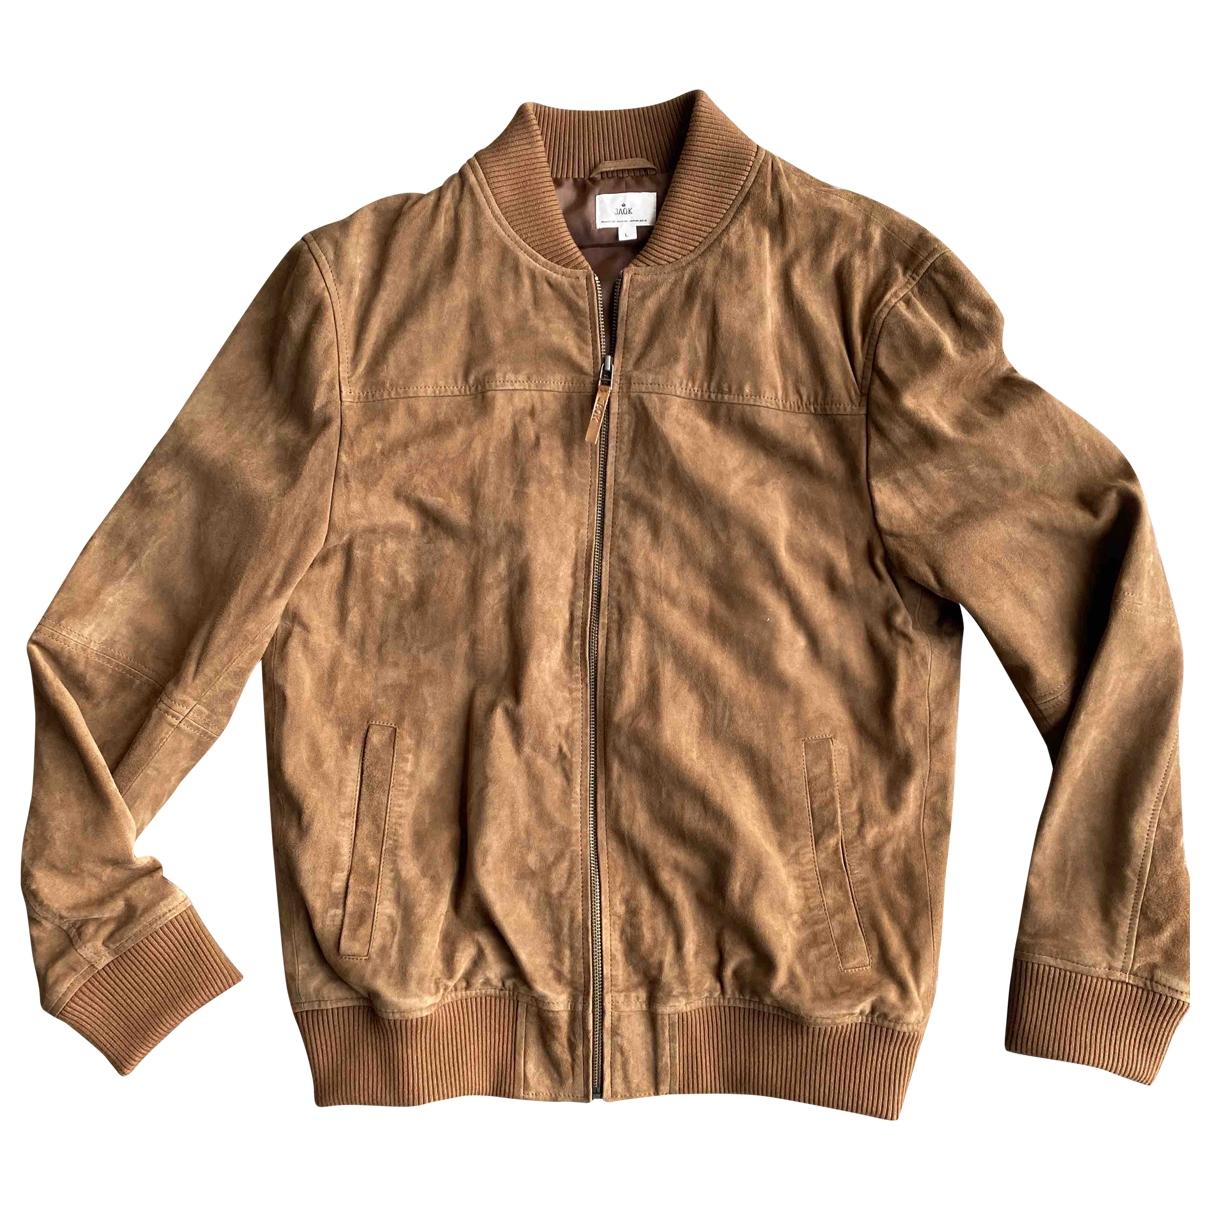 Jack Wills \N Camel Leather jacket  for Men L International